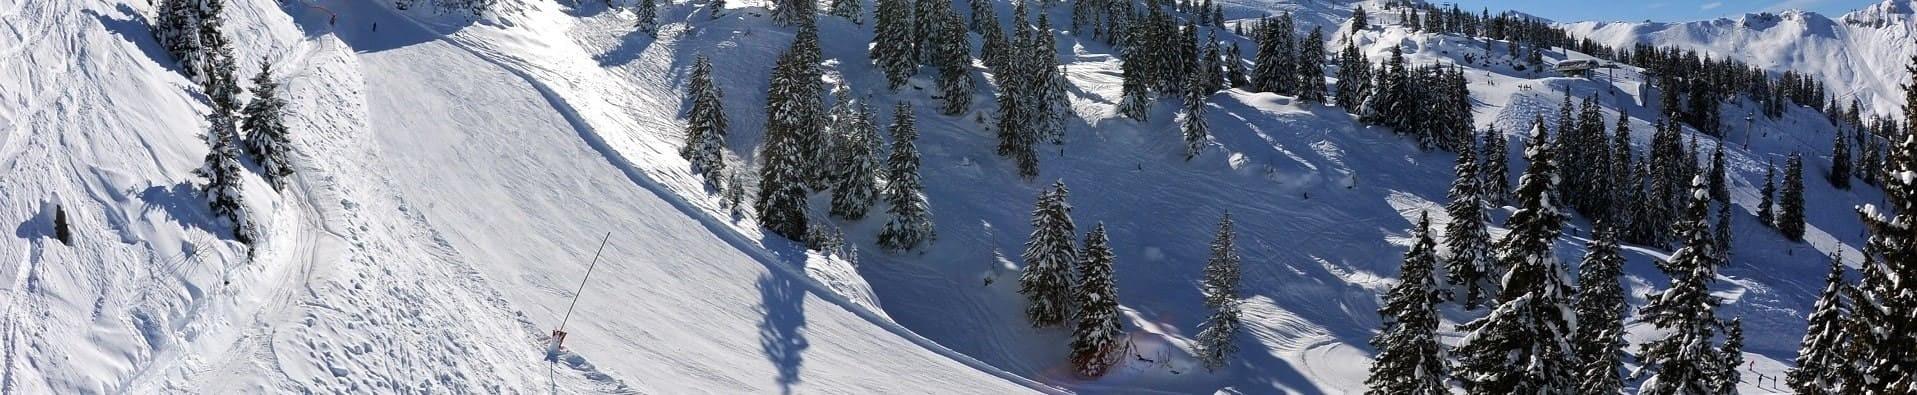 Châtel Espace Liberté Ski area